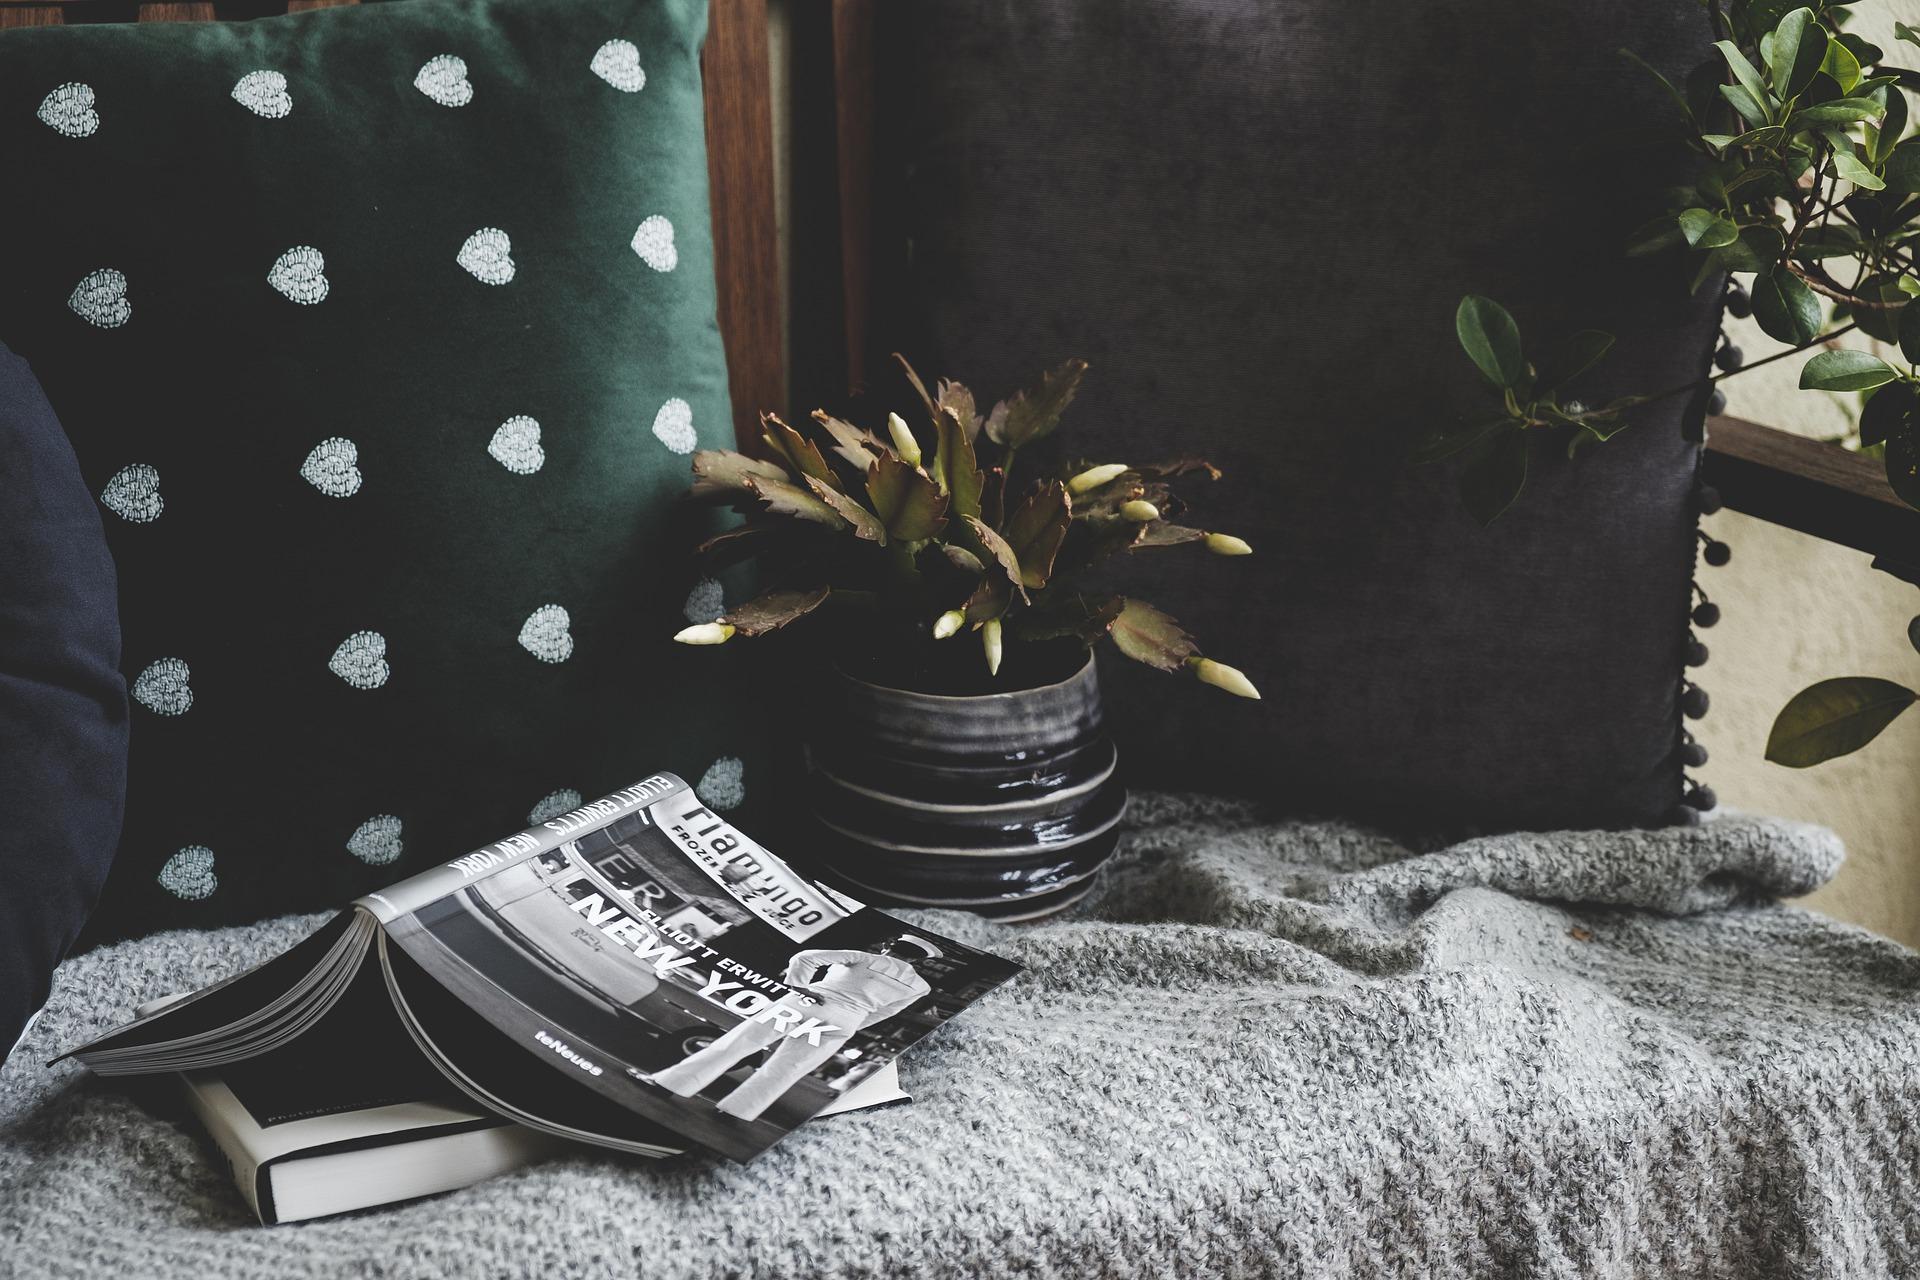 hygge ou l'art de rester à la maison tout en mettant l'accent sur le confort et la douce quiétude que cela nous procure